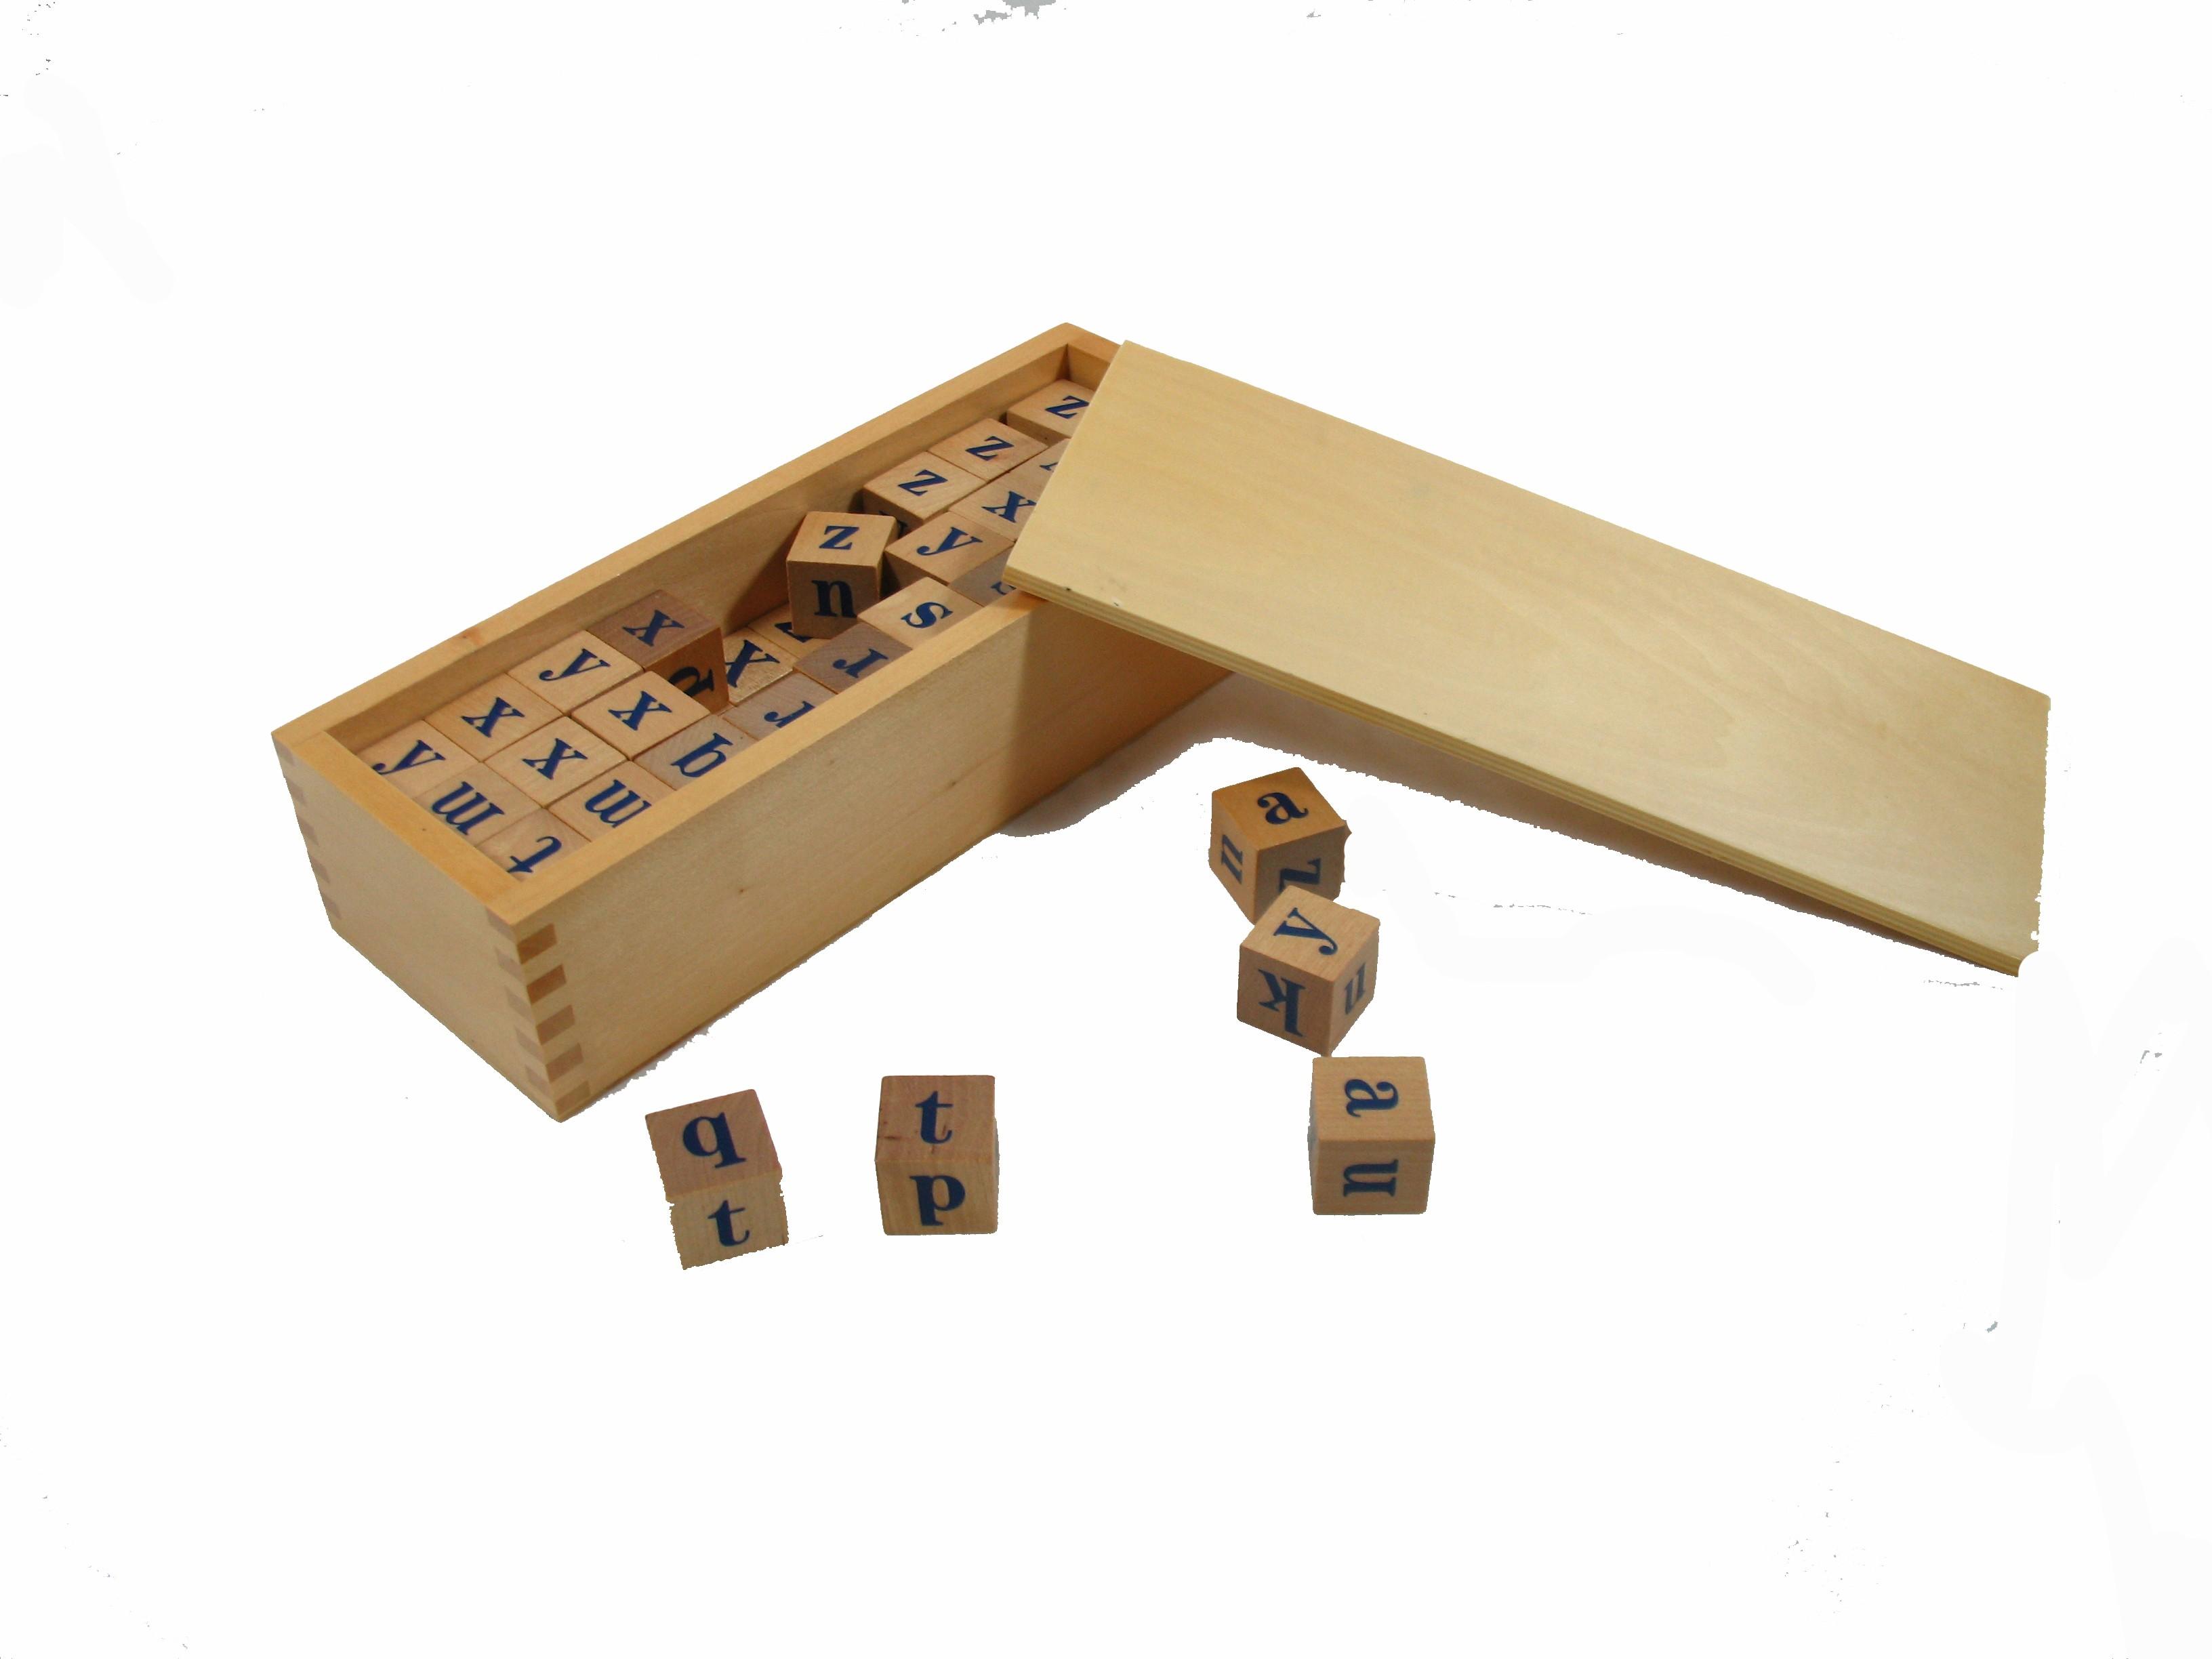 Půjčení: Kostky s abecedou v krabičce